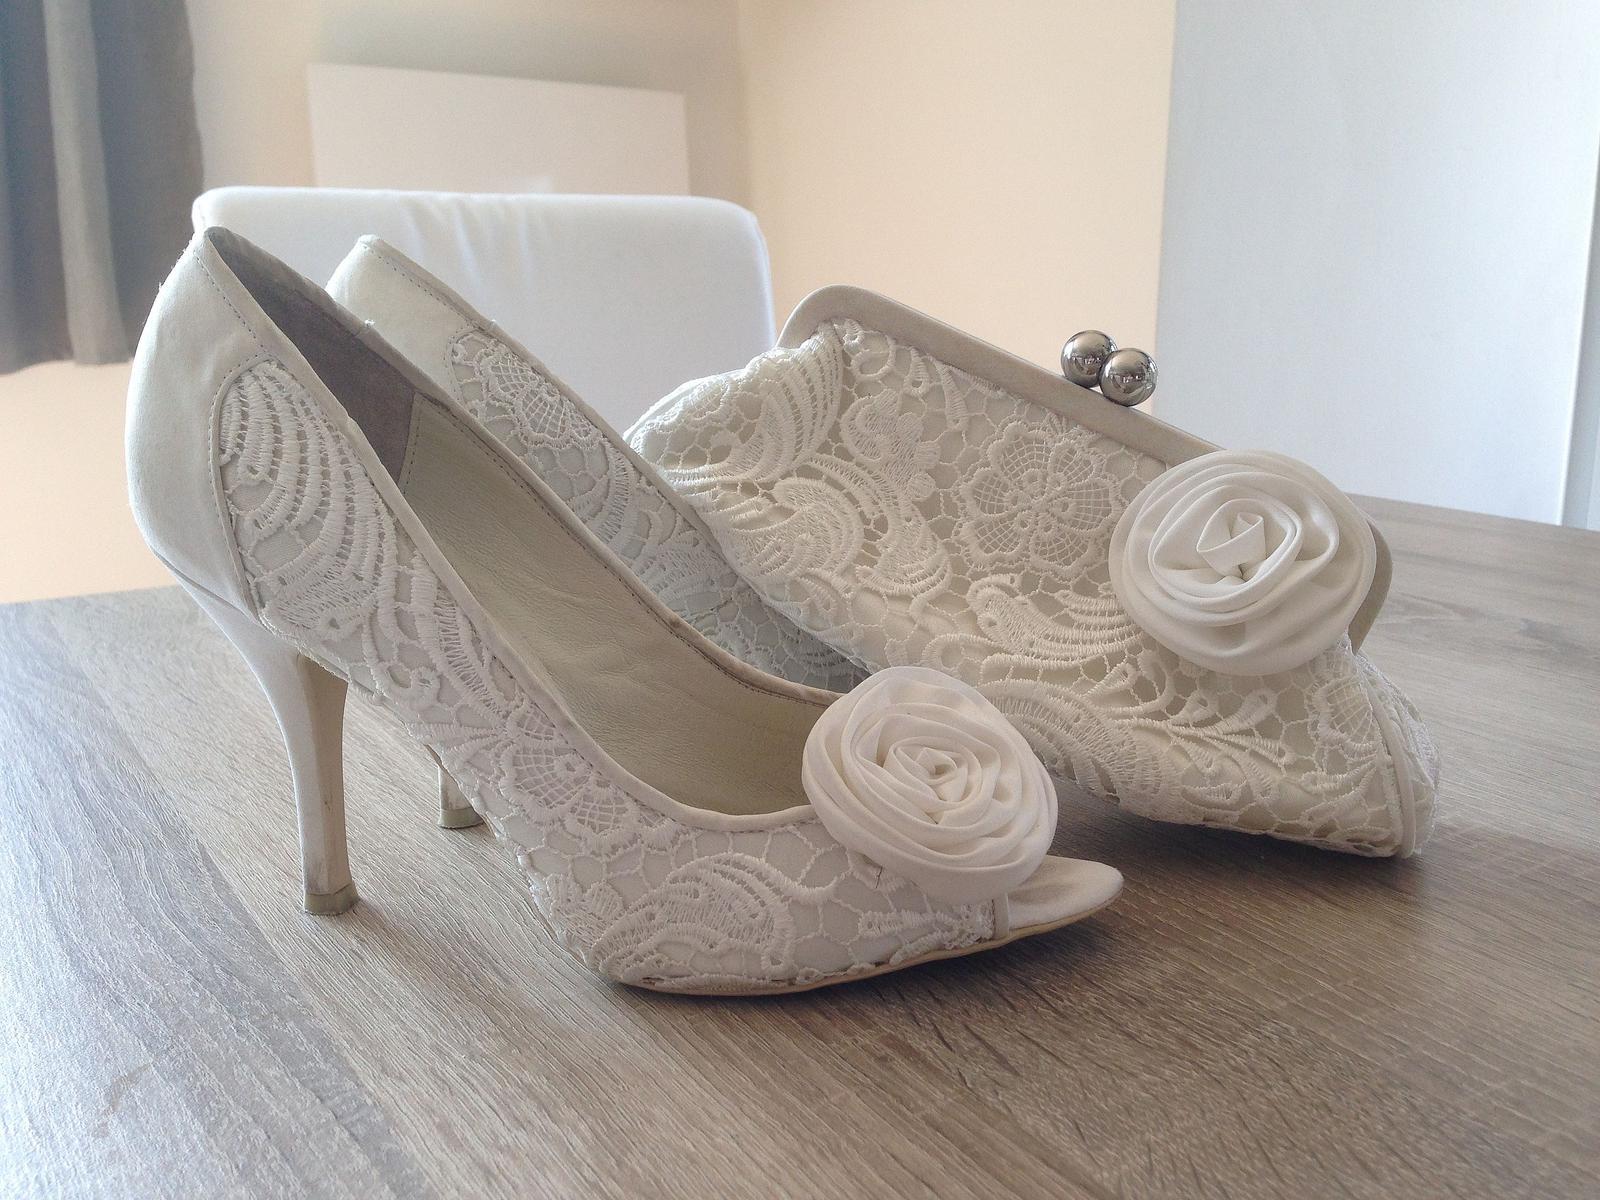 Menbur Maria boty a kabelka pro nevěstu - Obrázek č. 1